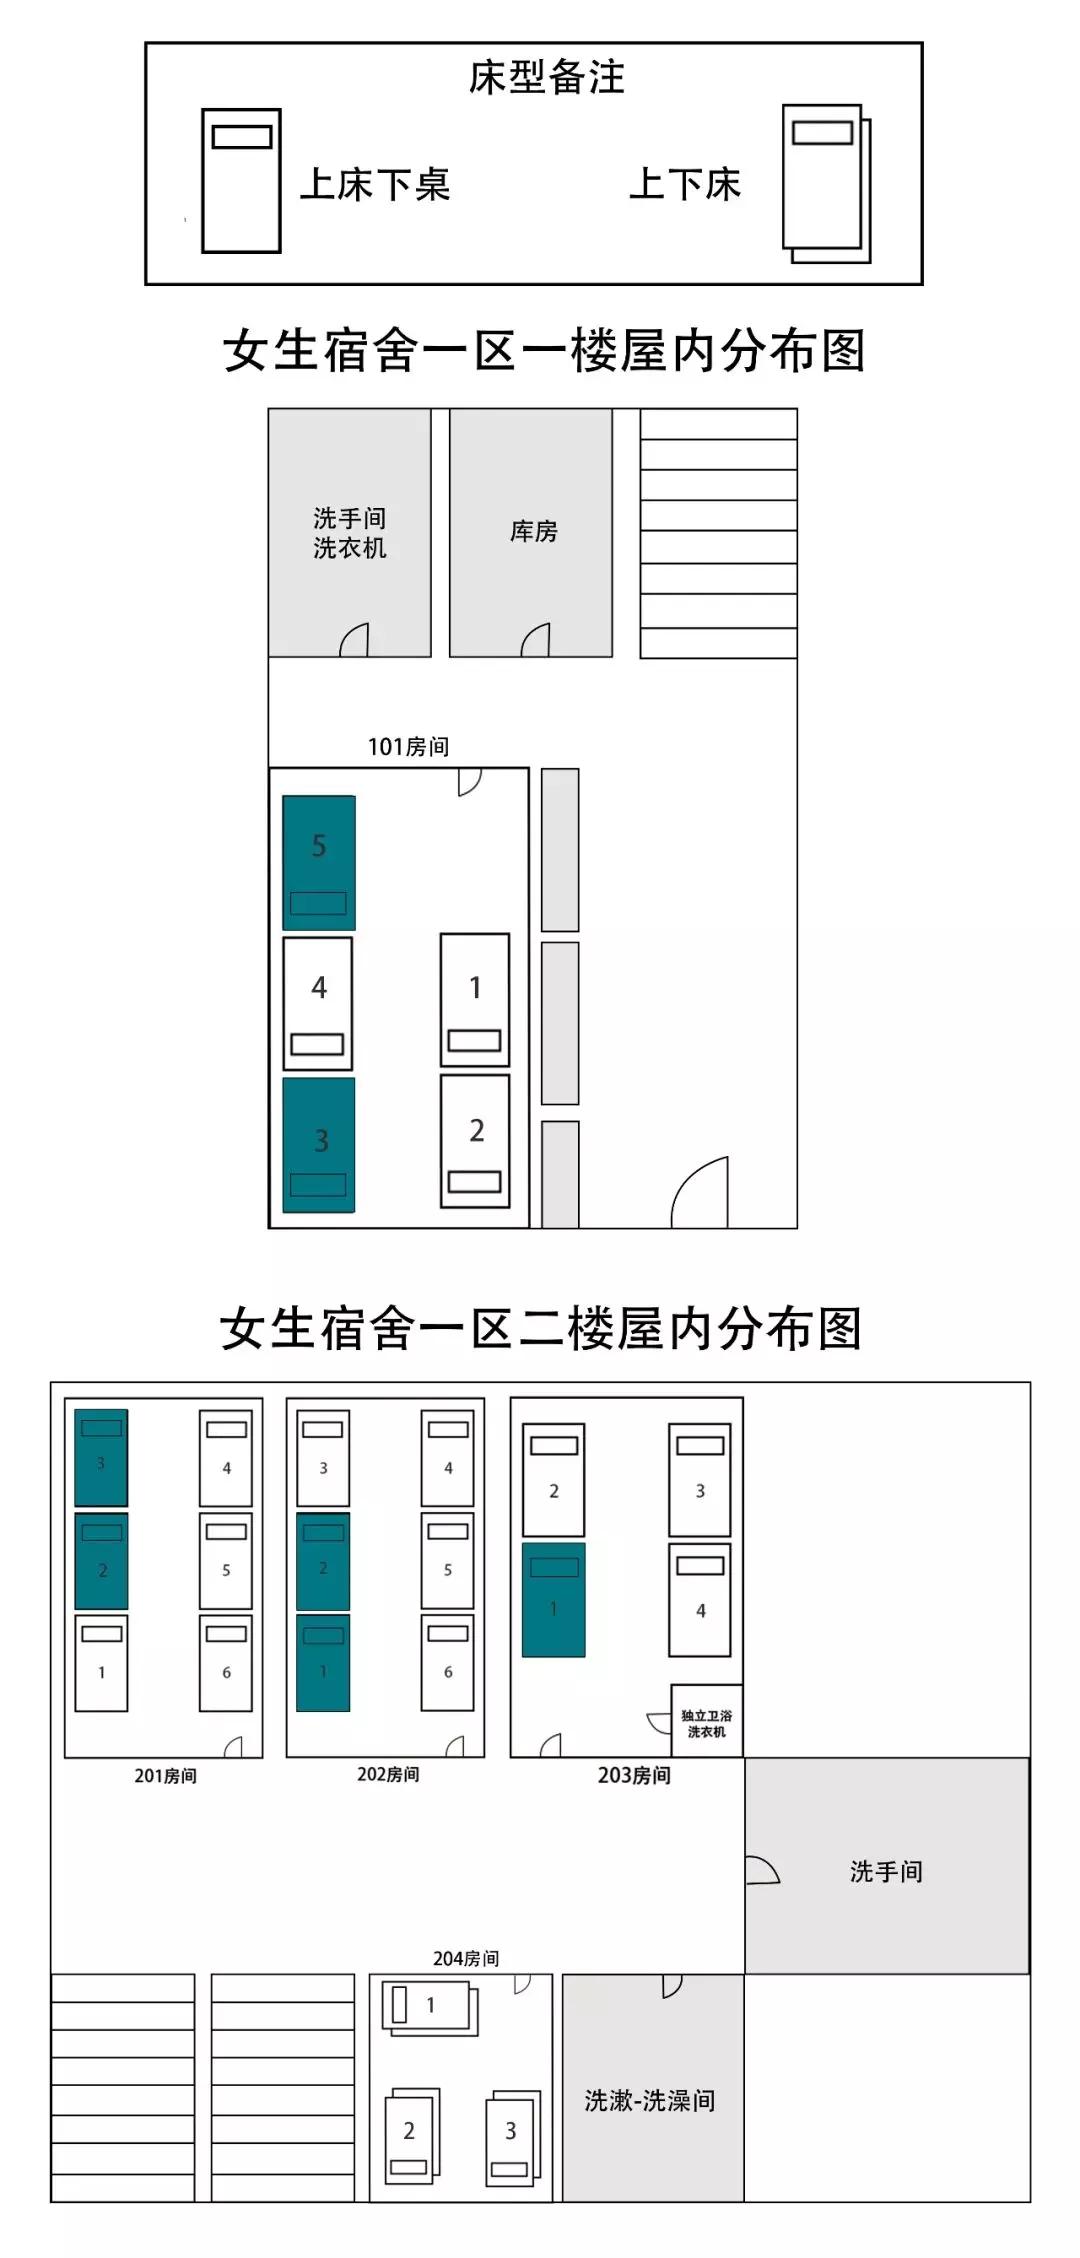 3.webp.jpg